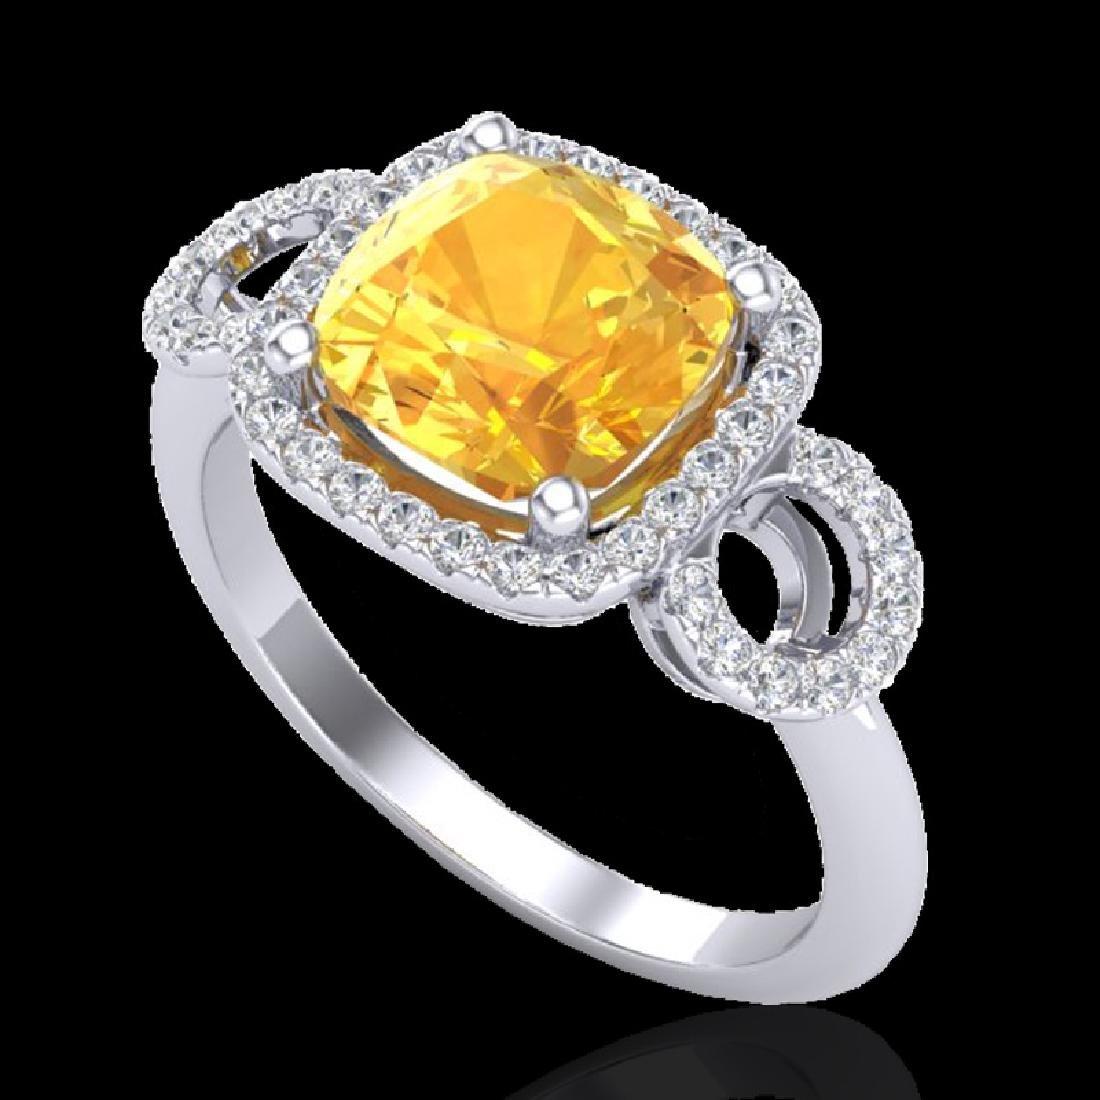 3.75 CTW Citrine & Micro VS/SI Diamond Ring 18K White - 2